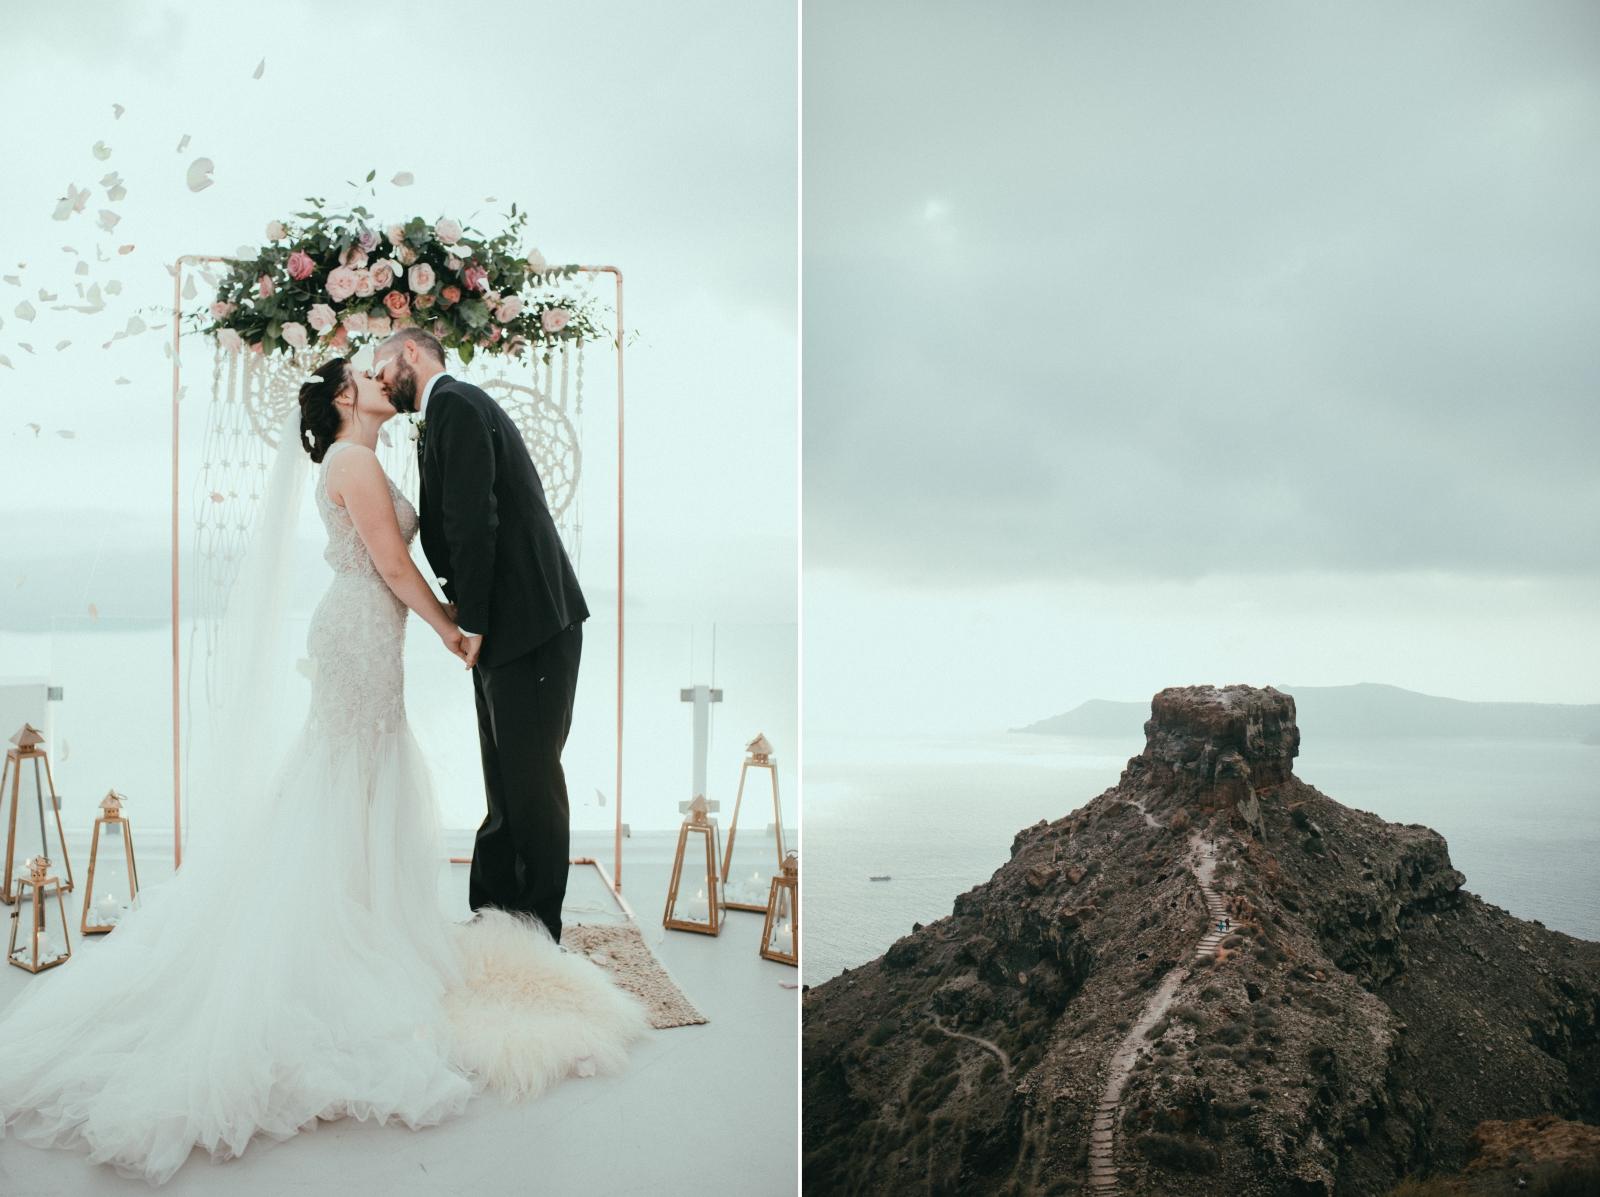 santorini-wedding-photographer57.jpg